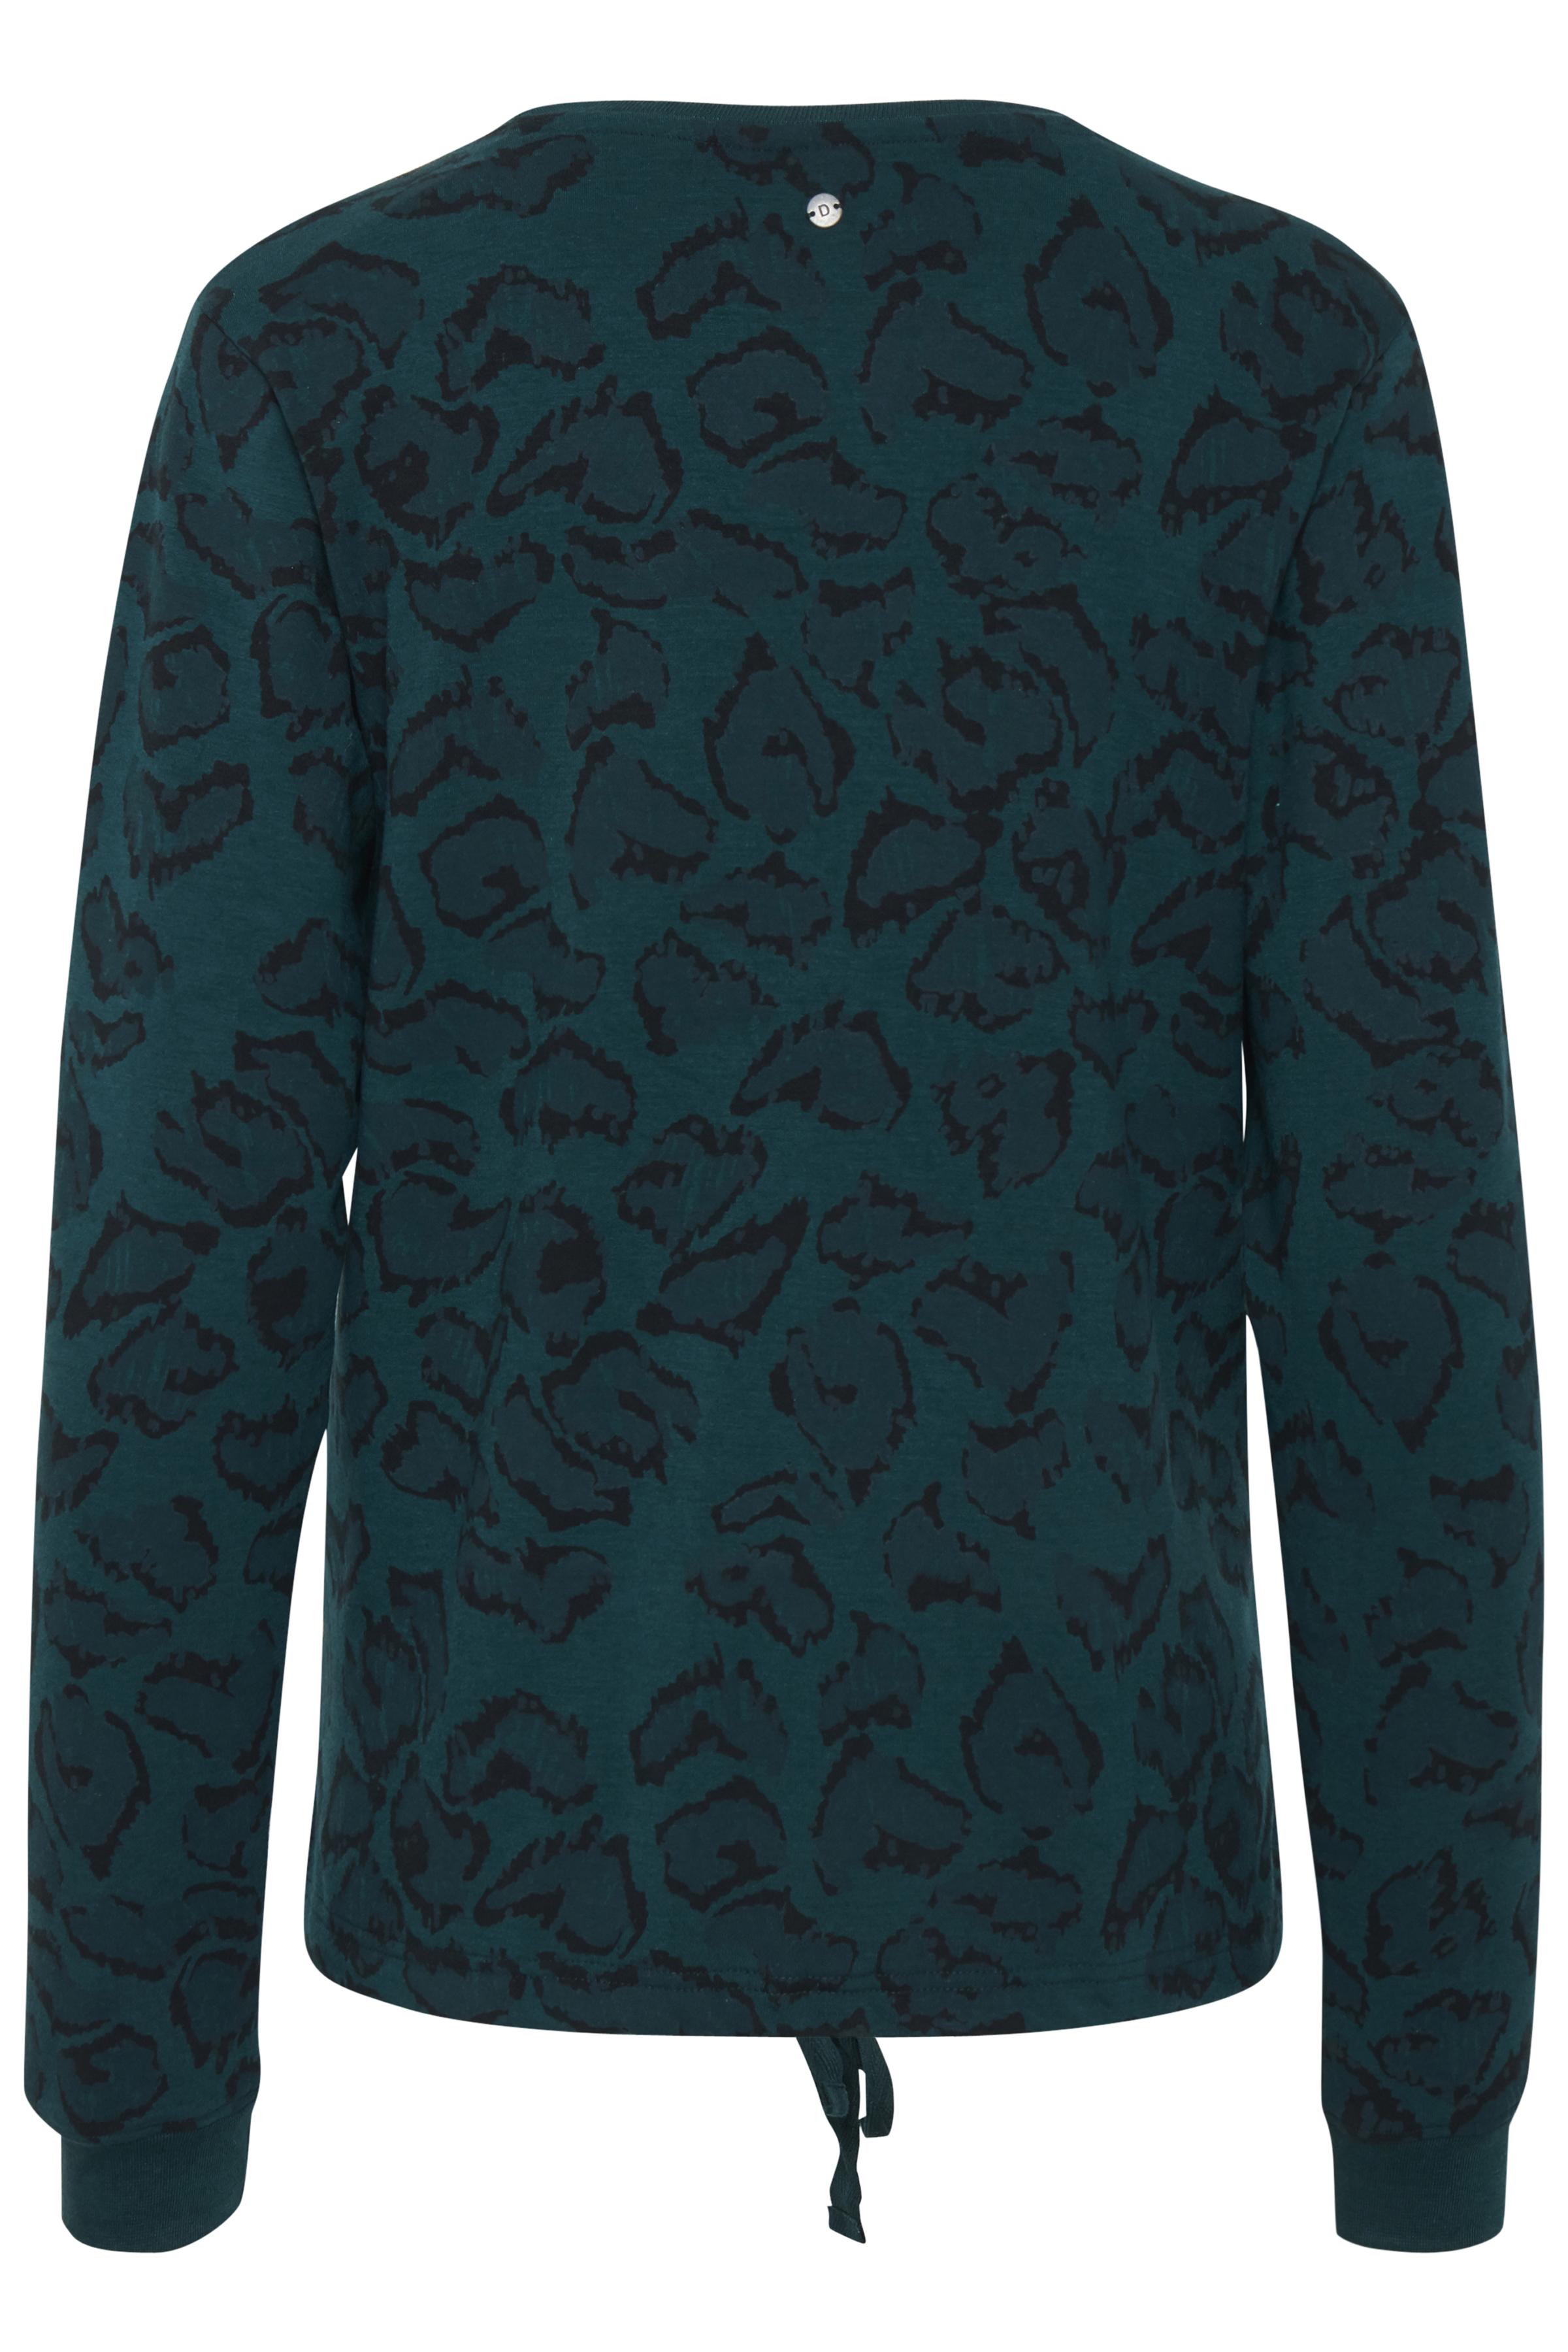 Flaschengrün/lila Sweatshirt von Dranella – Shoppen Sie Flaschengrün/lila Sweatshirt ab Gr. XS-XXL hier